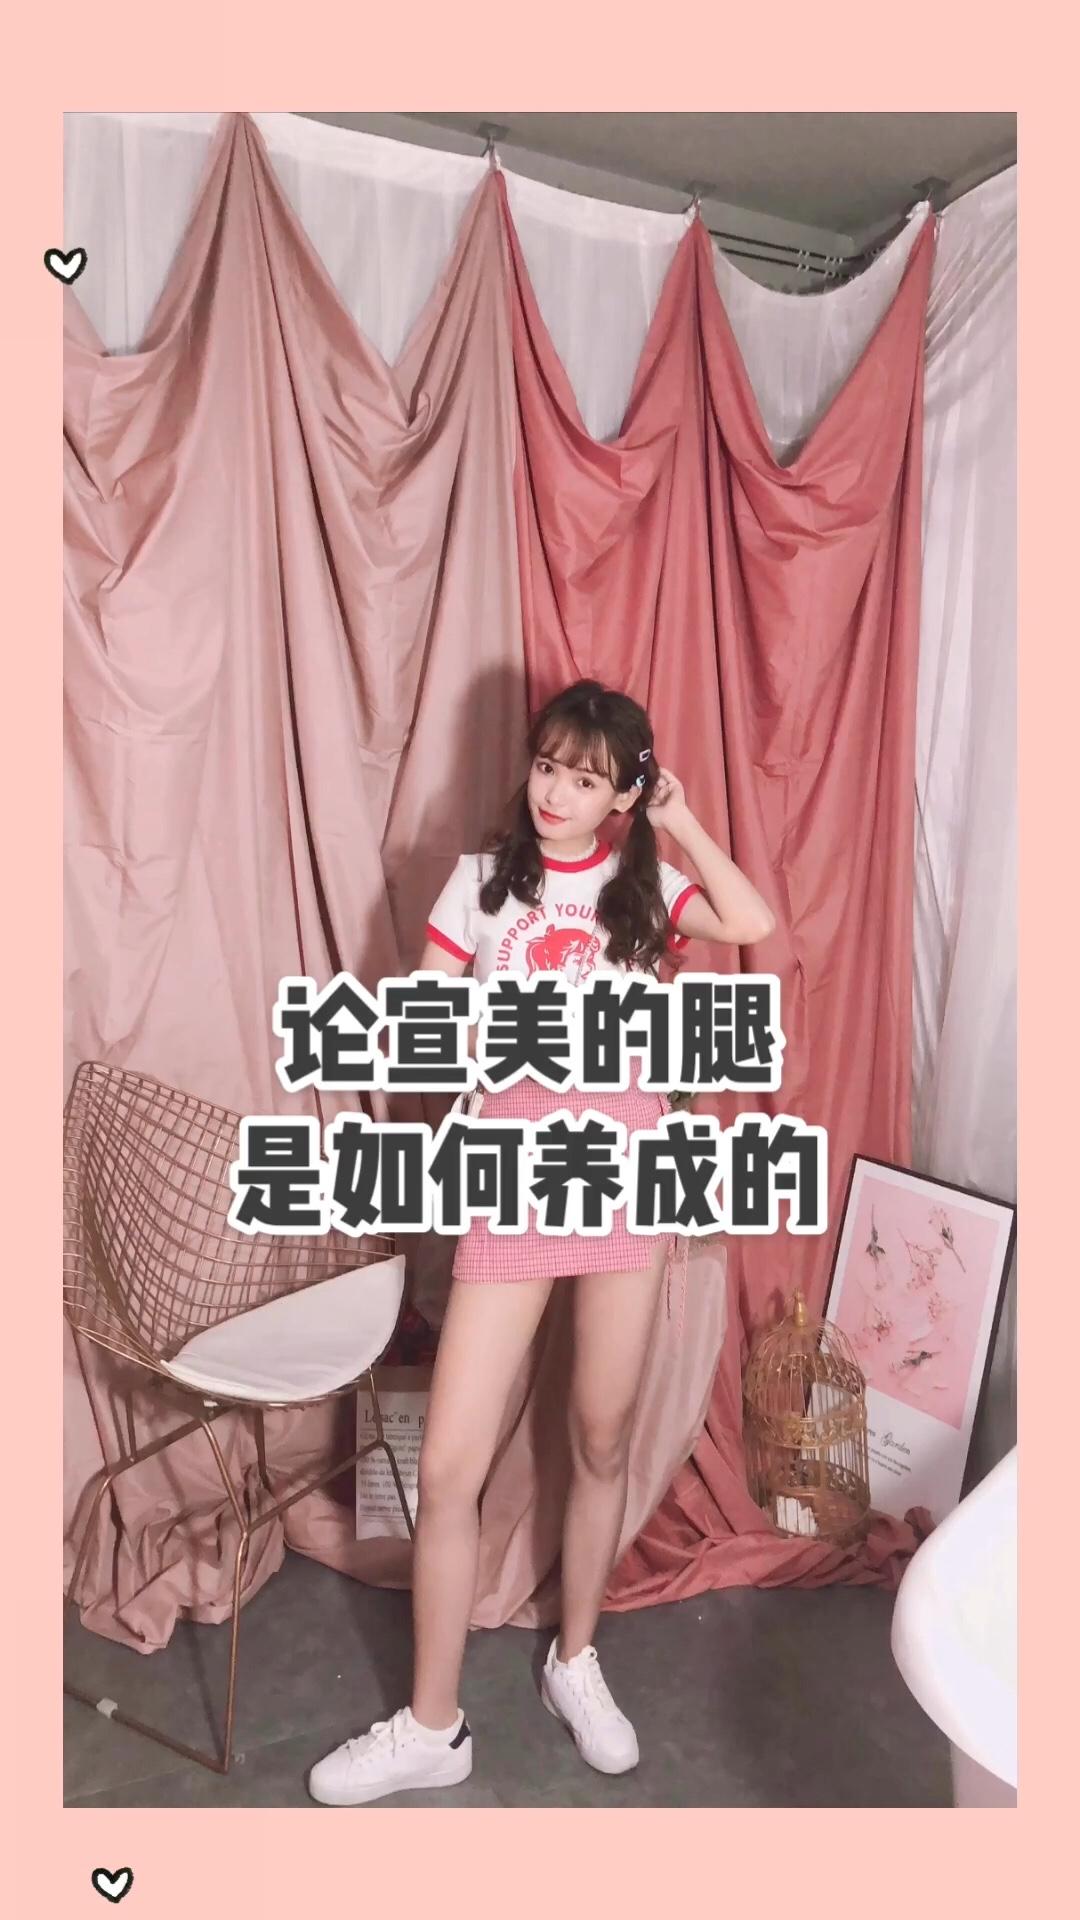 #论:宣美的腿是如何养成的# 今日穿搭 少女减龄上衣+同色系高腰格子短裙❤️ 少女印花图案real火爆  在日本的杂志中出现过 非常青春甜美 再来说说裙子 侧边是系带的设计  带点小俏皮 体现鬼马少女的气质 设计是高腰短裙的定位 穿上立马拥有宣美同款腿~